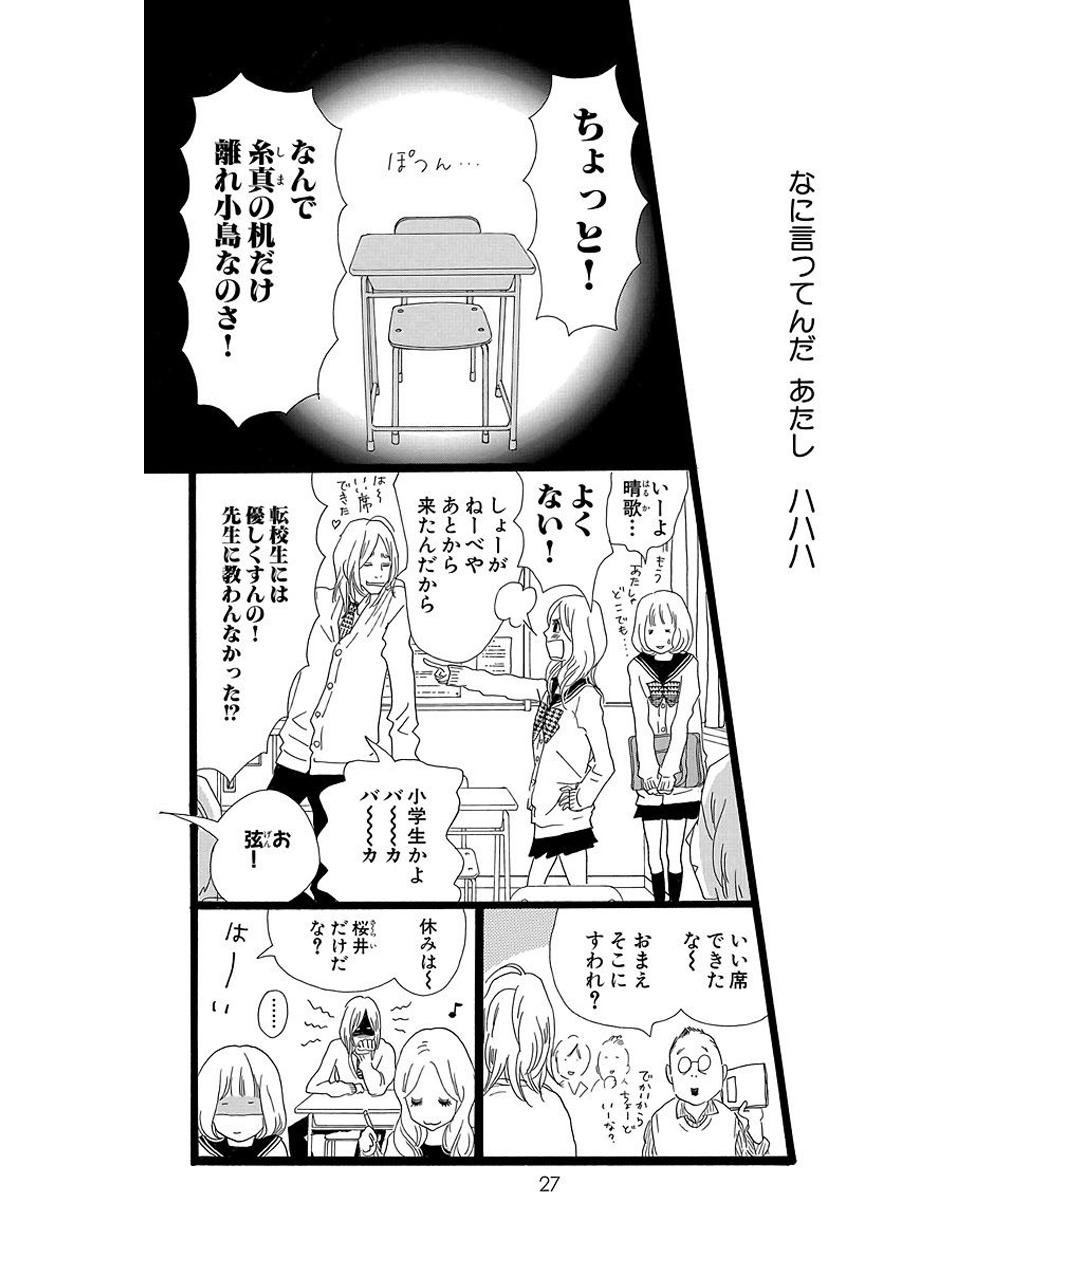 プリンシパル 第1話 試し読み_1_1-27